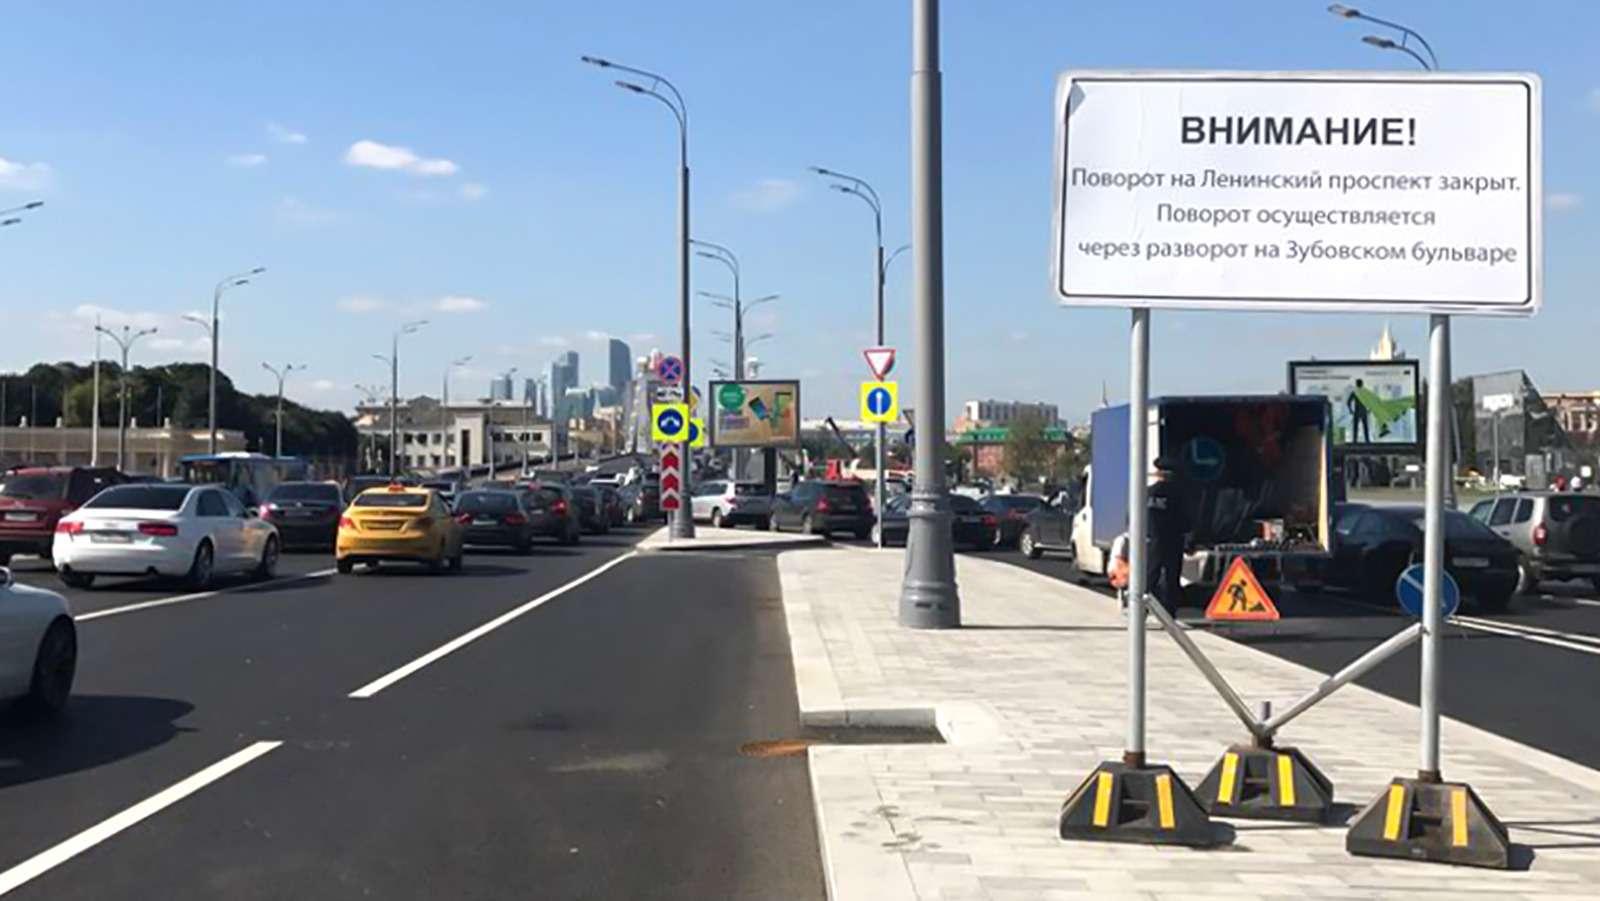 Власти Москвы запретили «неудобный» поворот наЛенинский проспект— фото 789973